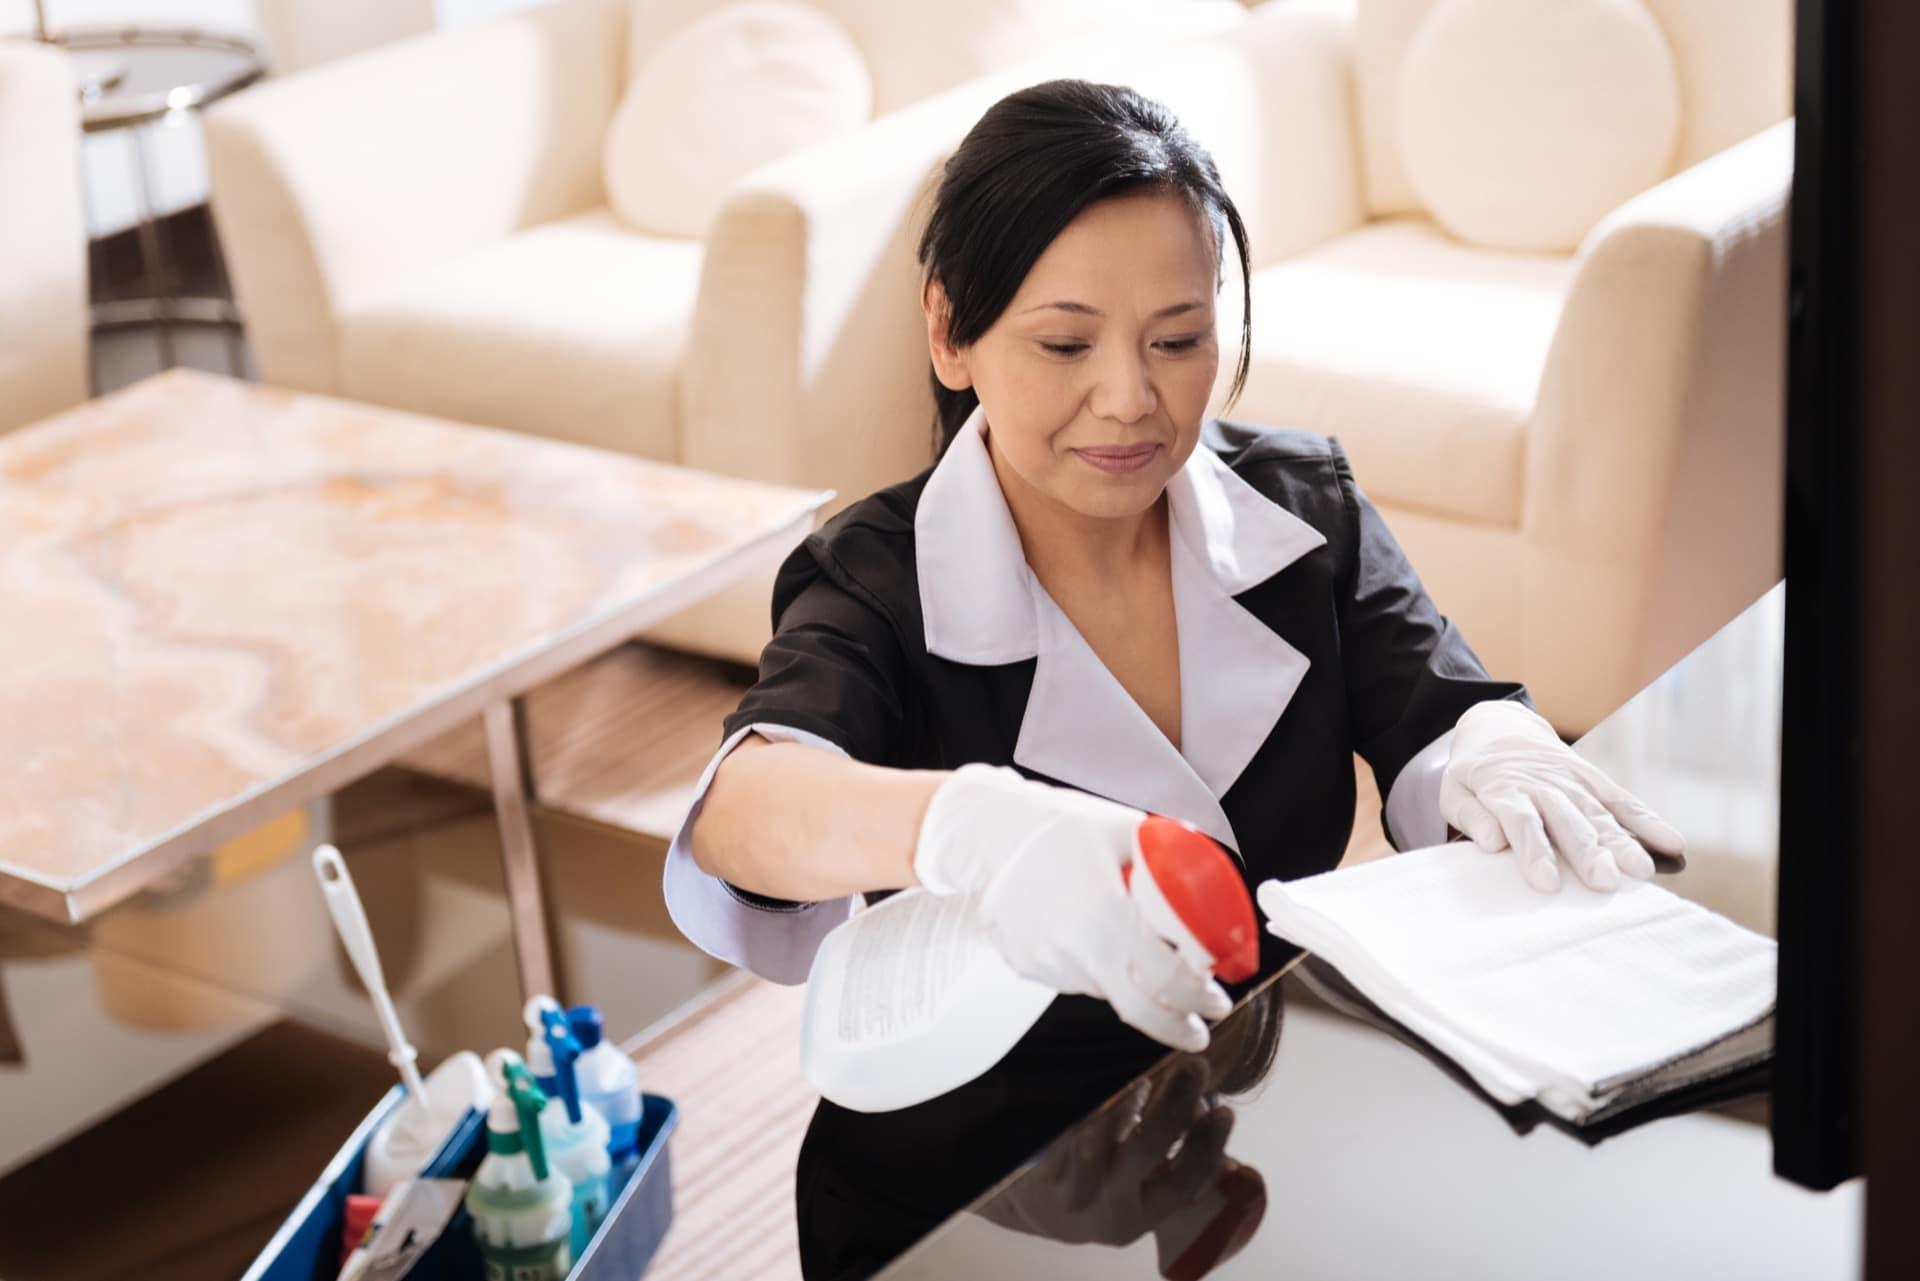 Public Area Cleaning - Die frei zugänglichen Flächen eines Hotels bestimmen die Wahrnehmung sowie Reputation und Image. - Public Area Cleaning - Angebot anfragen!